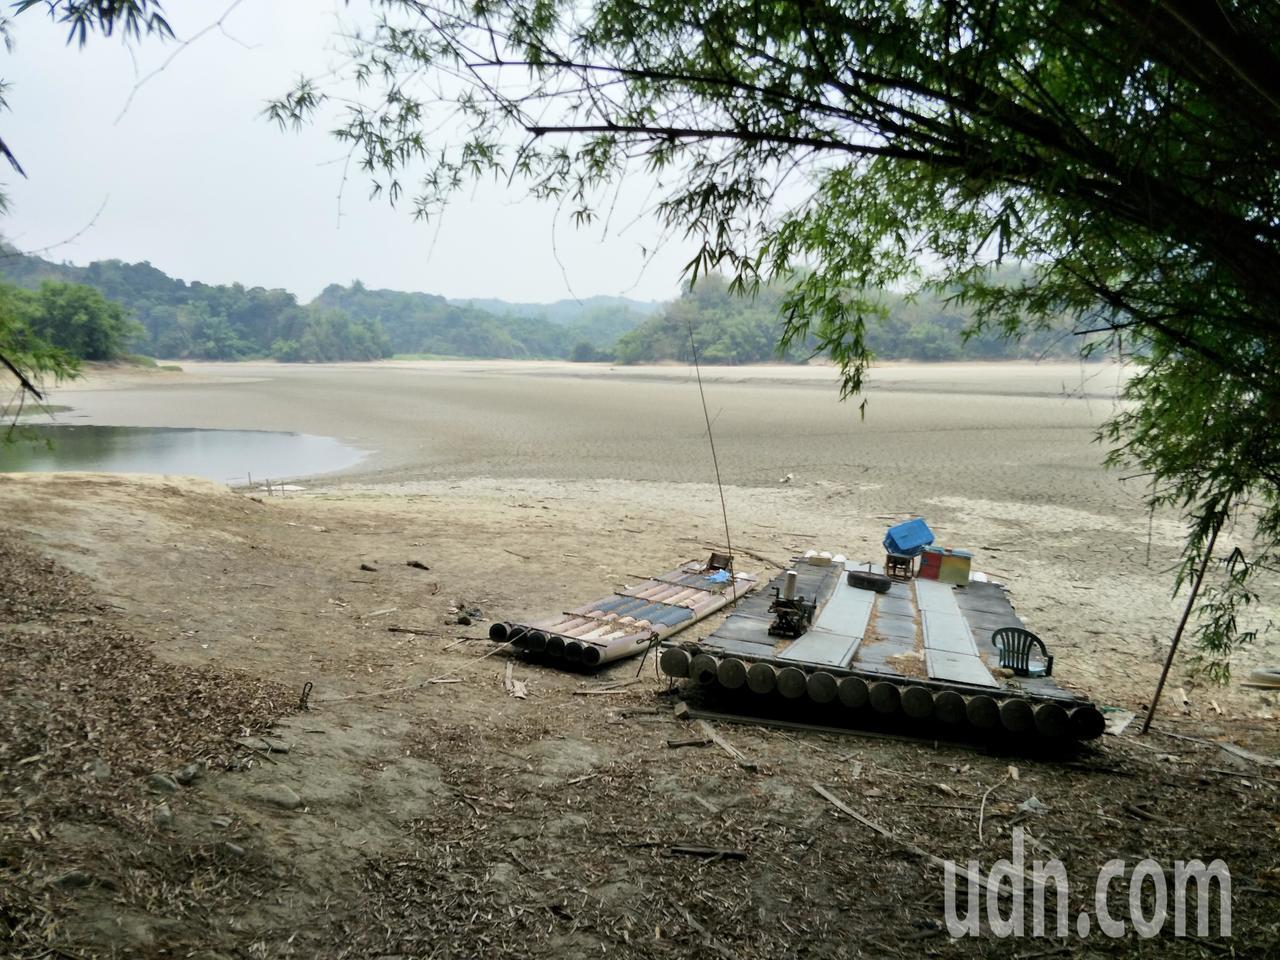 岸邊的管筏乾旱無用武之地。記者謝進盛/攝影